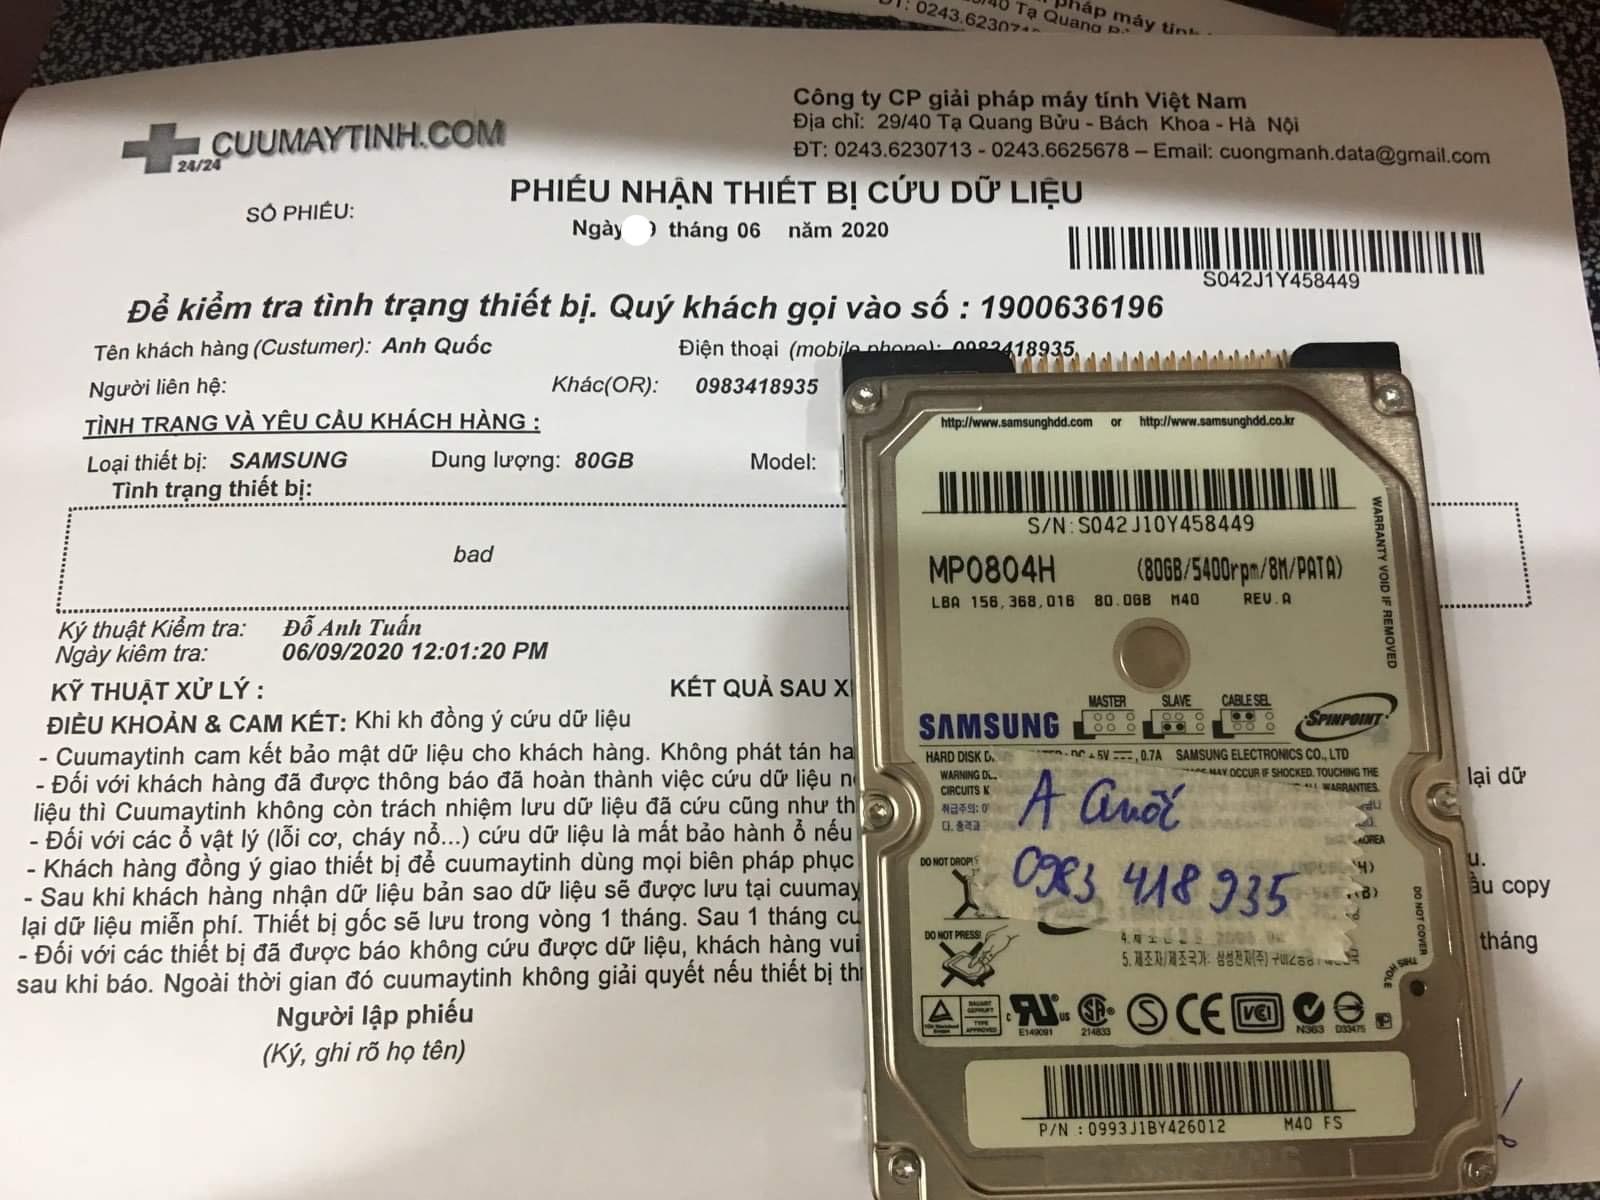 Phục hồi dữ liệu ổ cứng Samsung 80GB bad 12/06/2020 - cuumaytinh